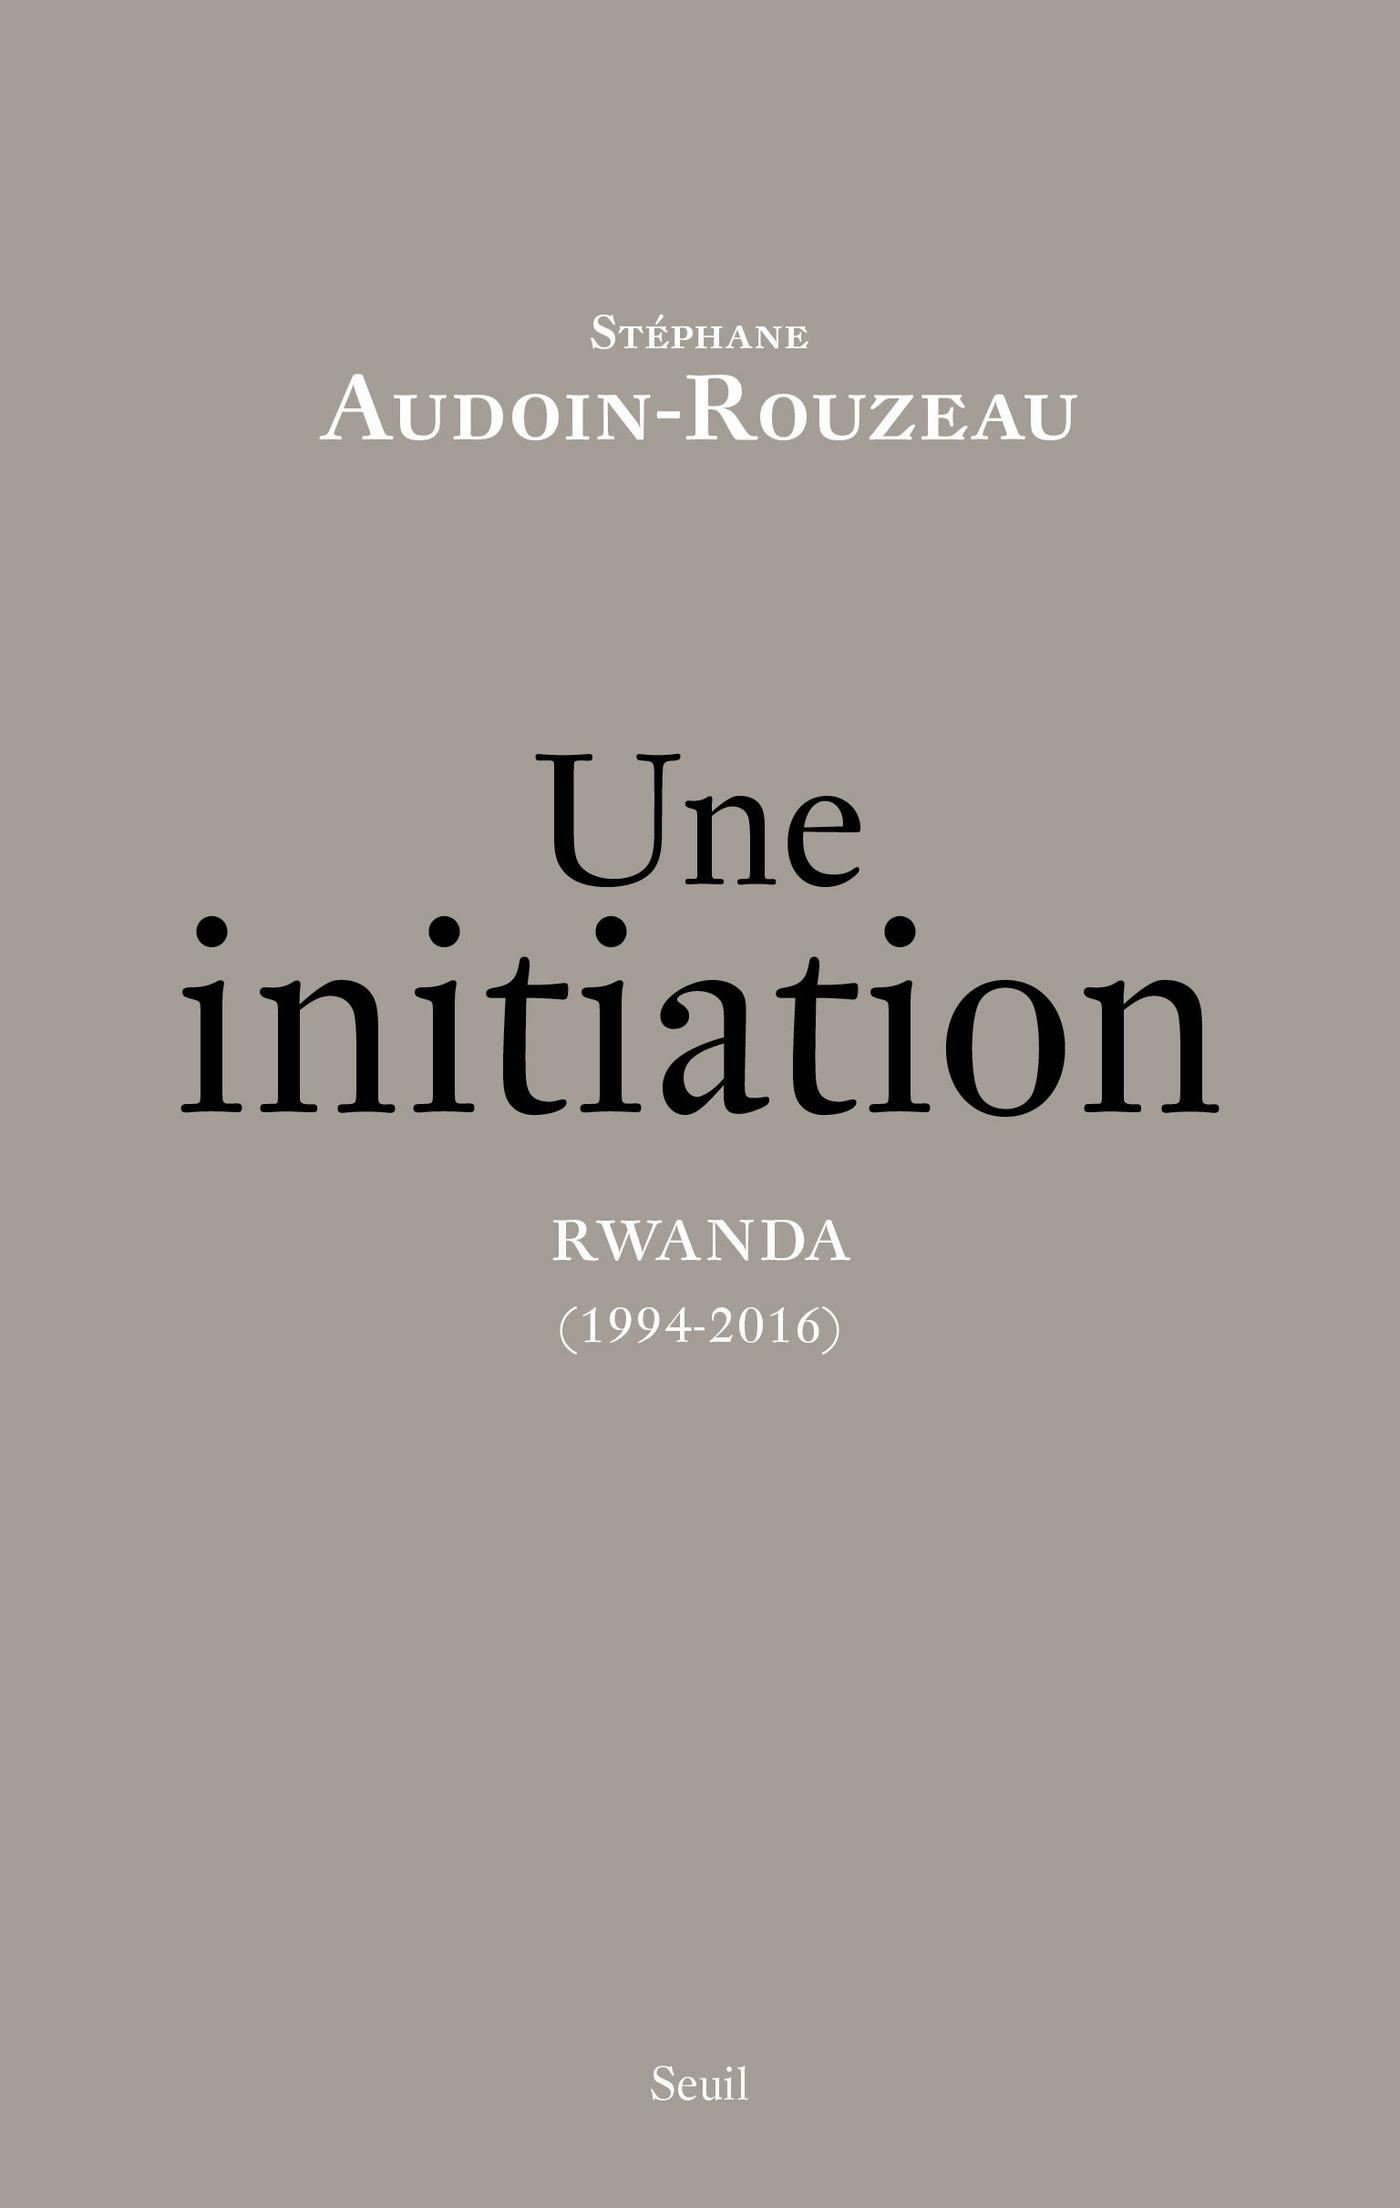 Une initiation. Rwanda (1994-2016) | Audoin-Rouzeau, Stéphane